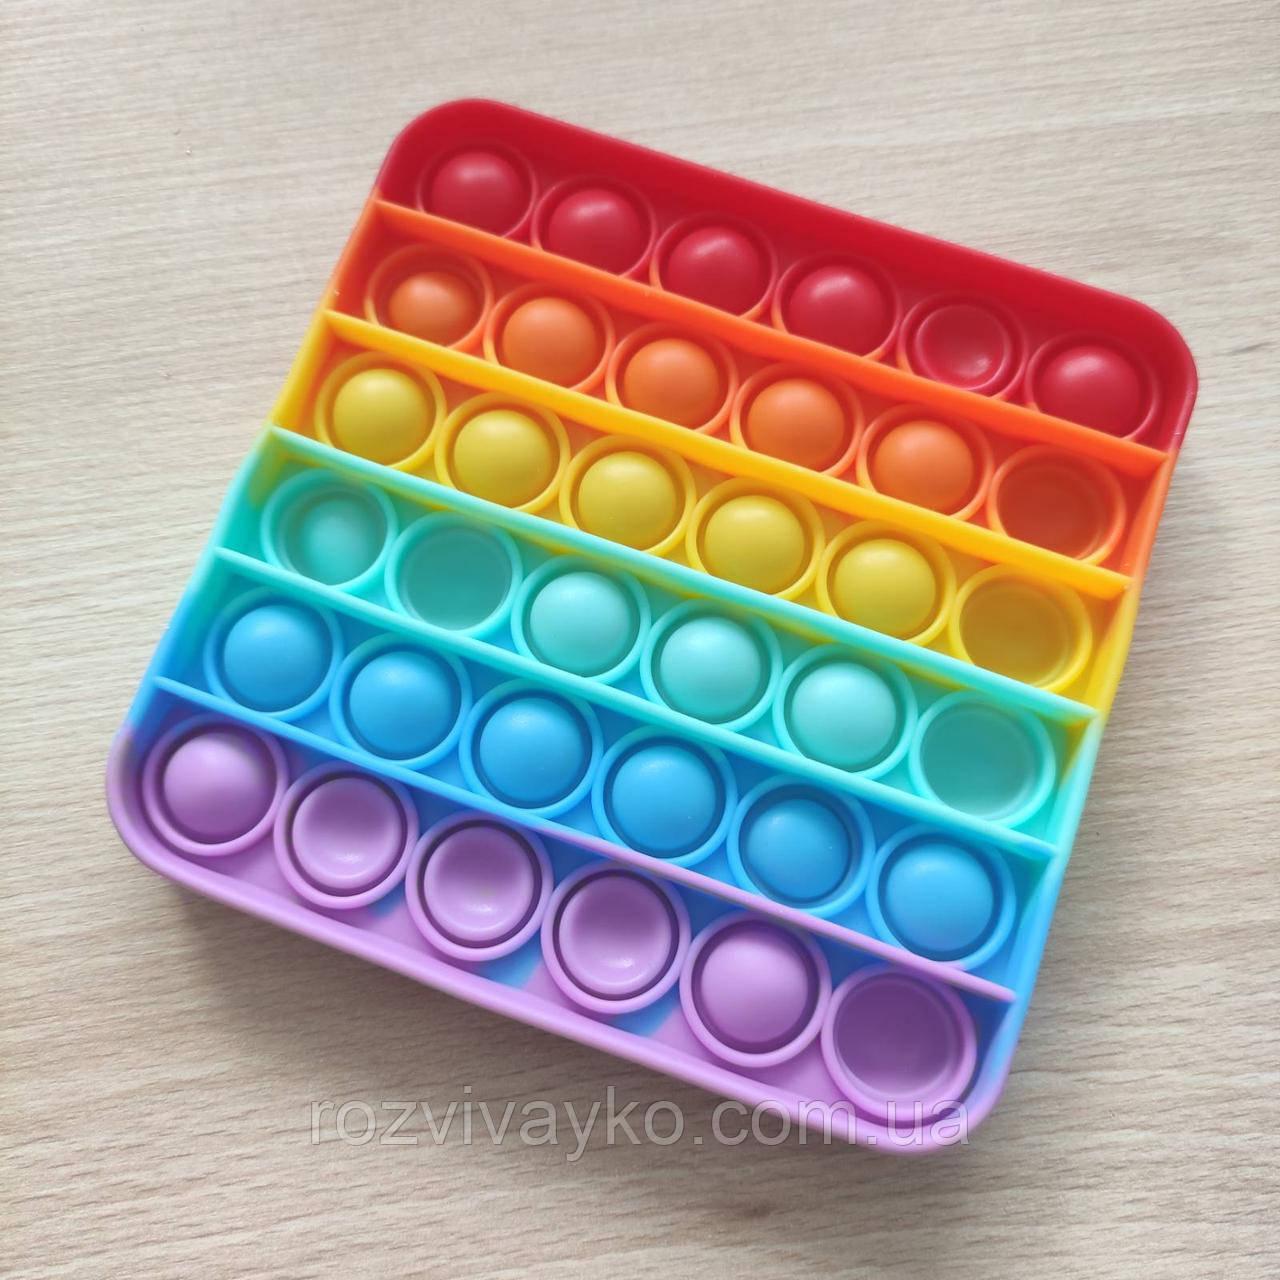 Антистресс Pop It разноцветный квадратный